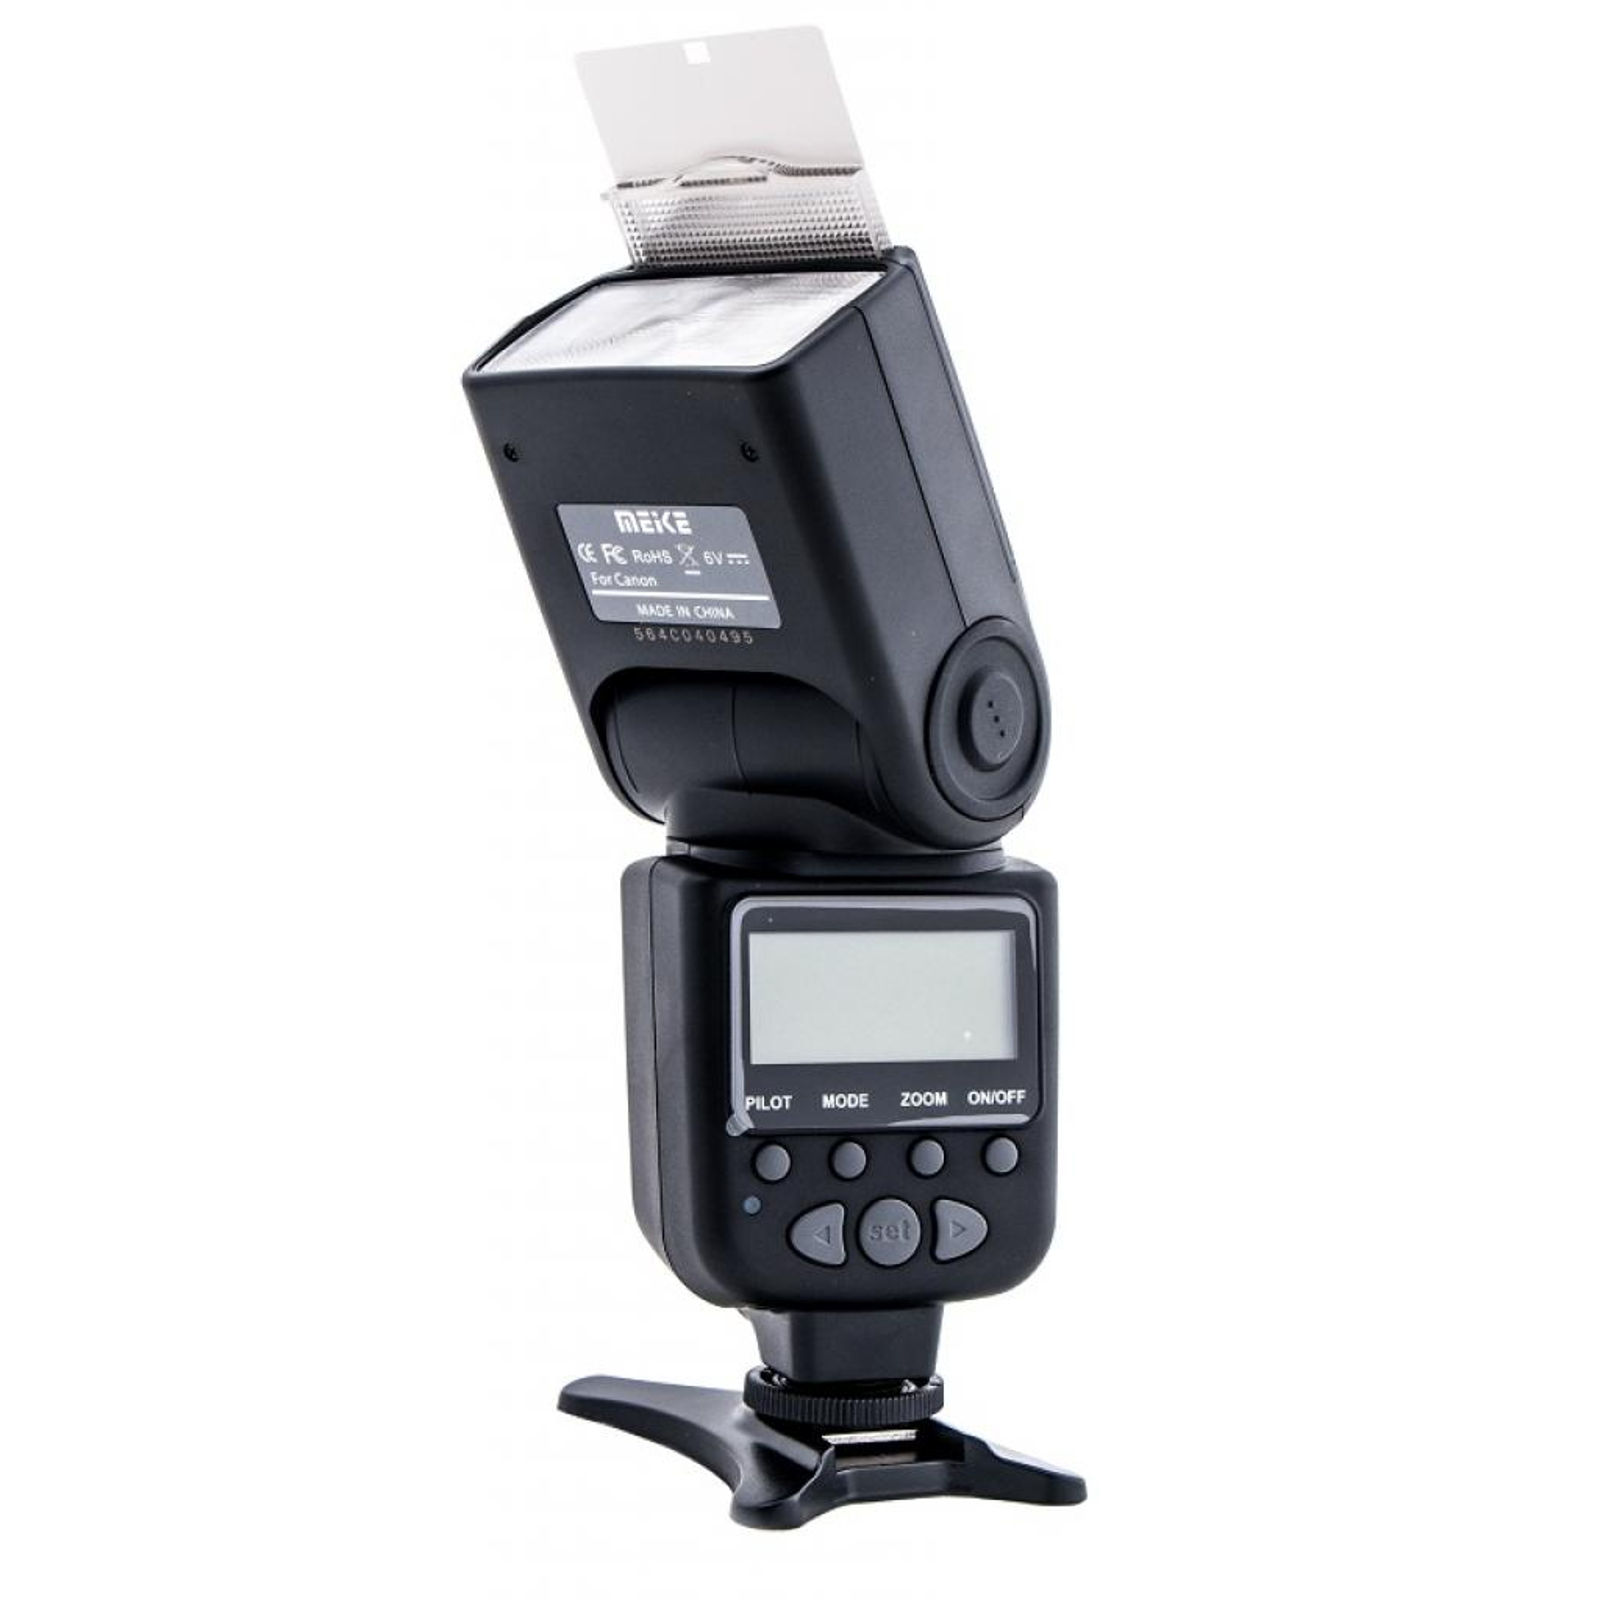 Вспышка Meike Canon 950 (SKW950C) изображение 2